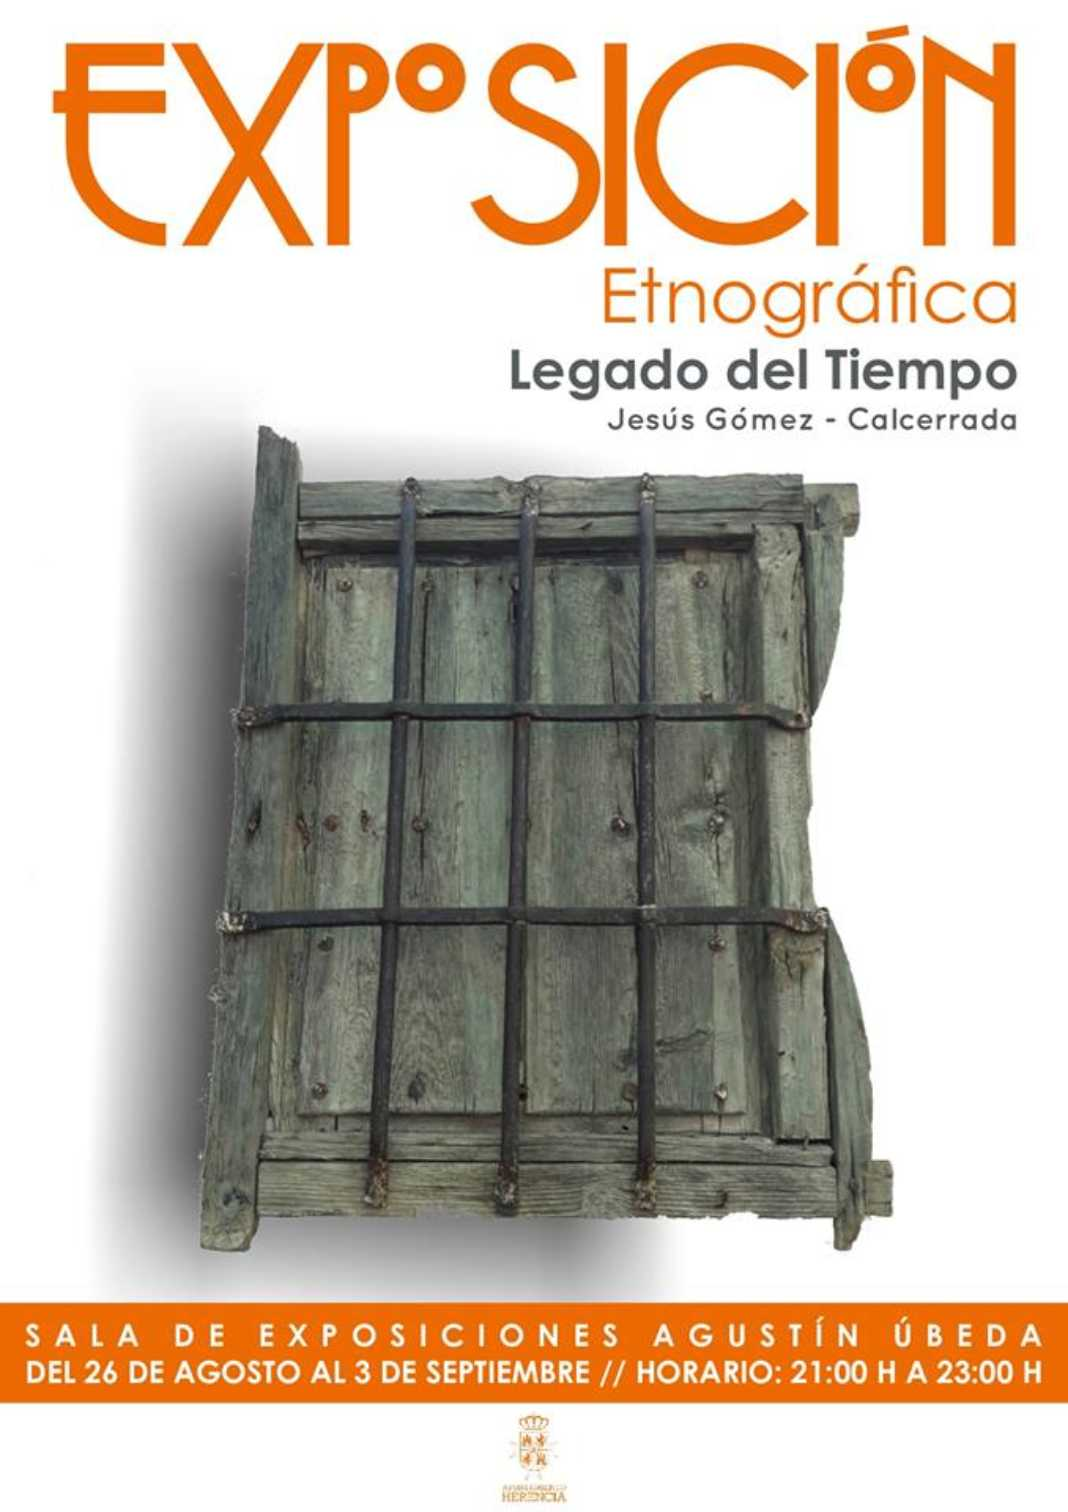 Legado del tiempo. Exposición etnográfica de Jesús Gómez 22